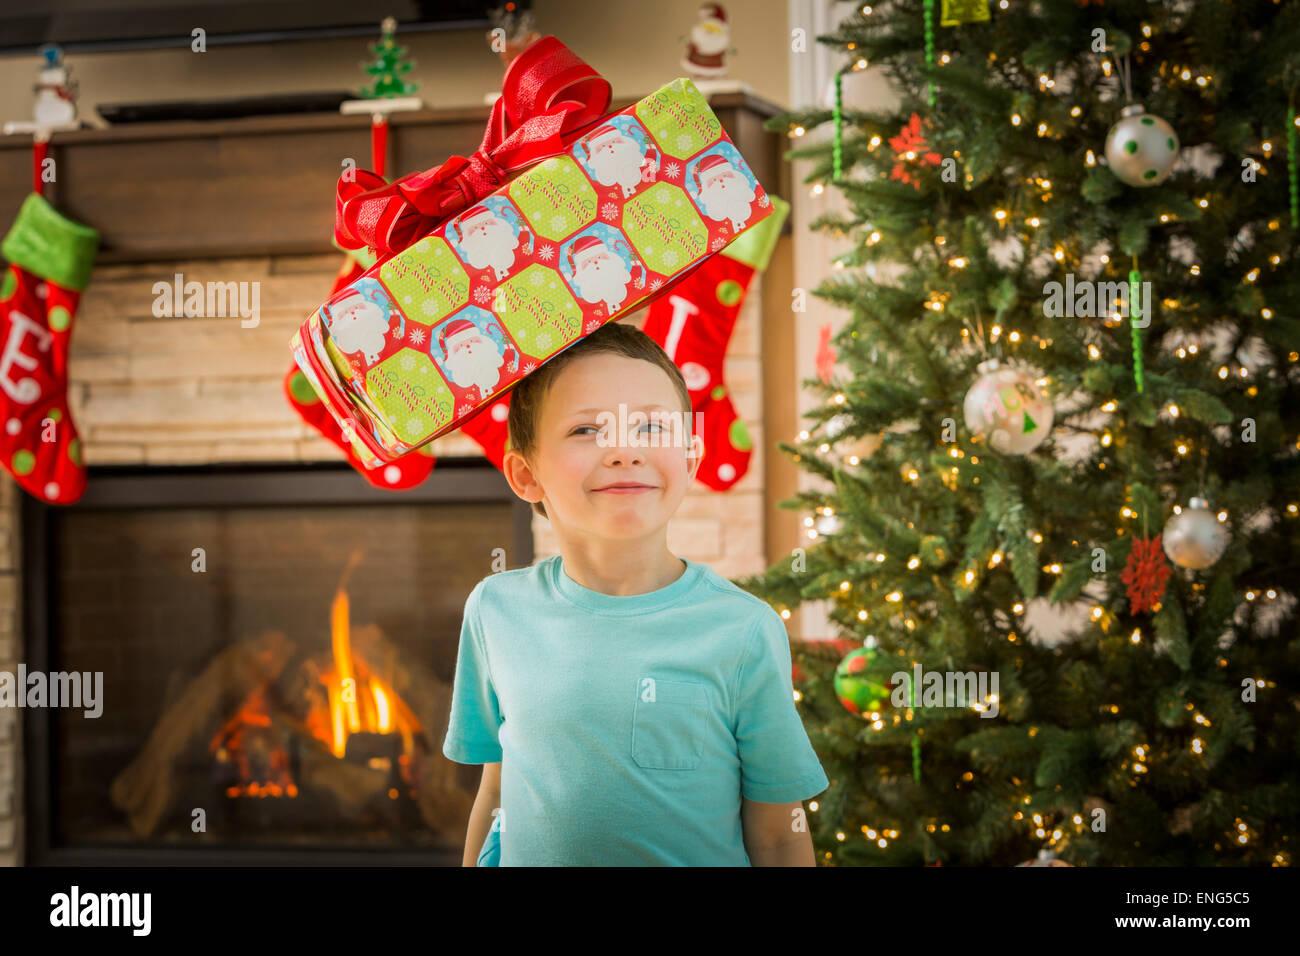 Muchacho caucásico equilibrando su regalo de Navidad en la cabeza. Foto de stock